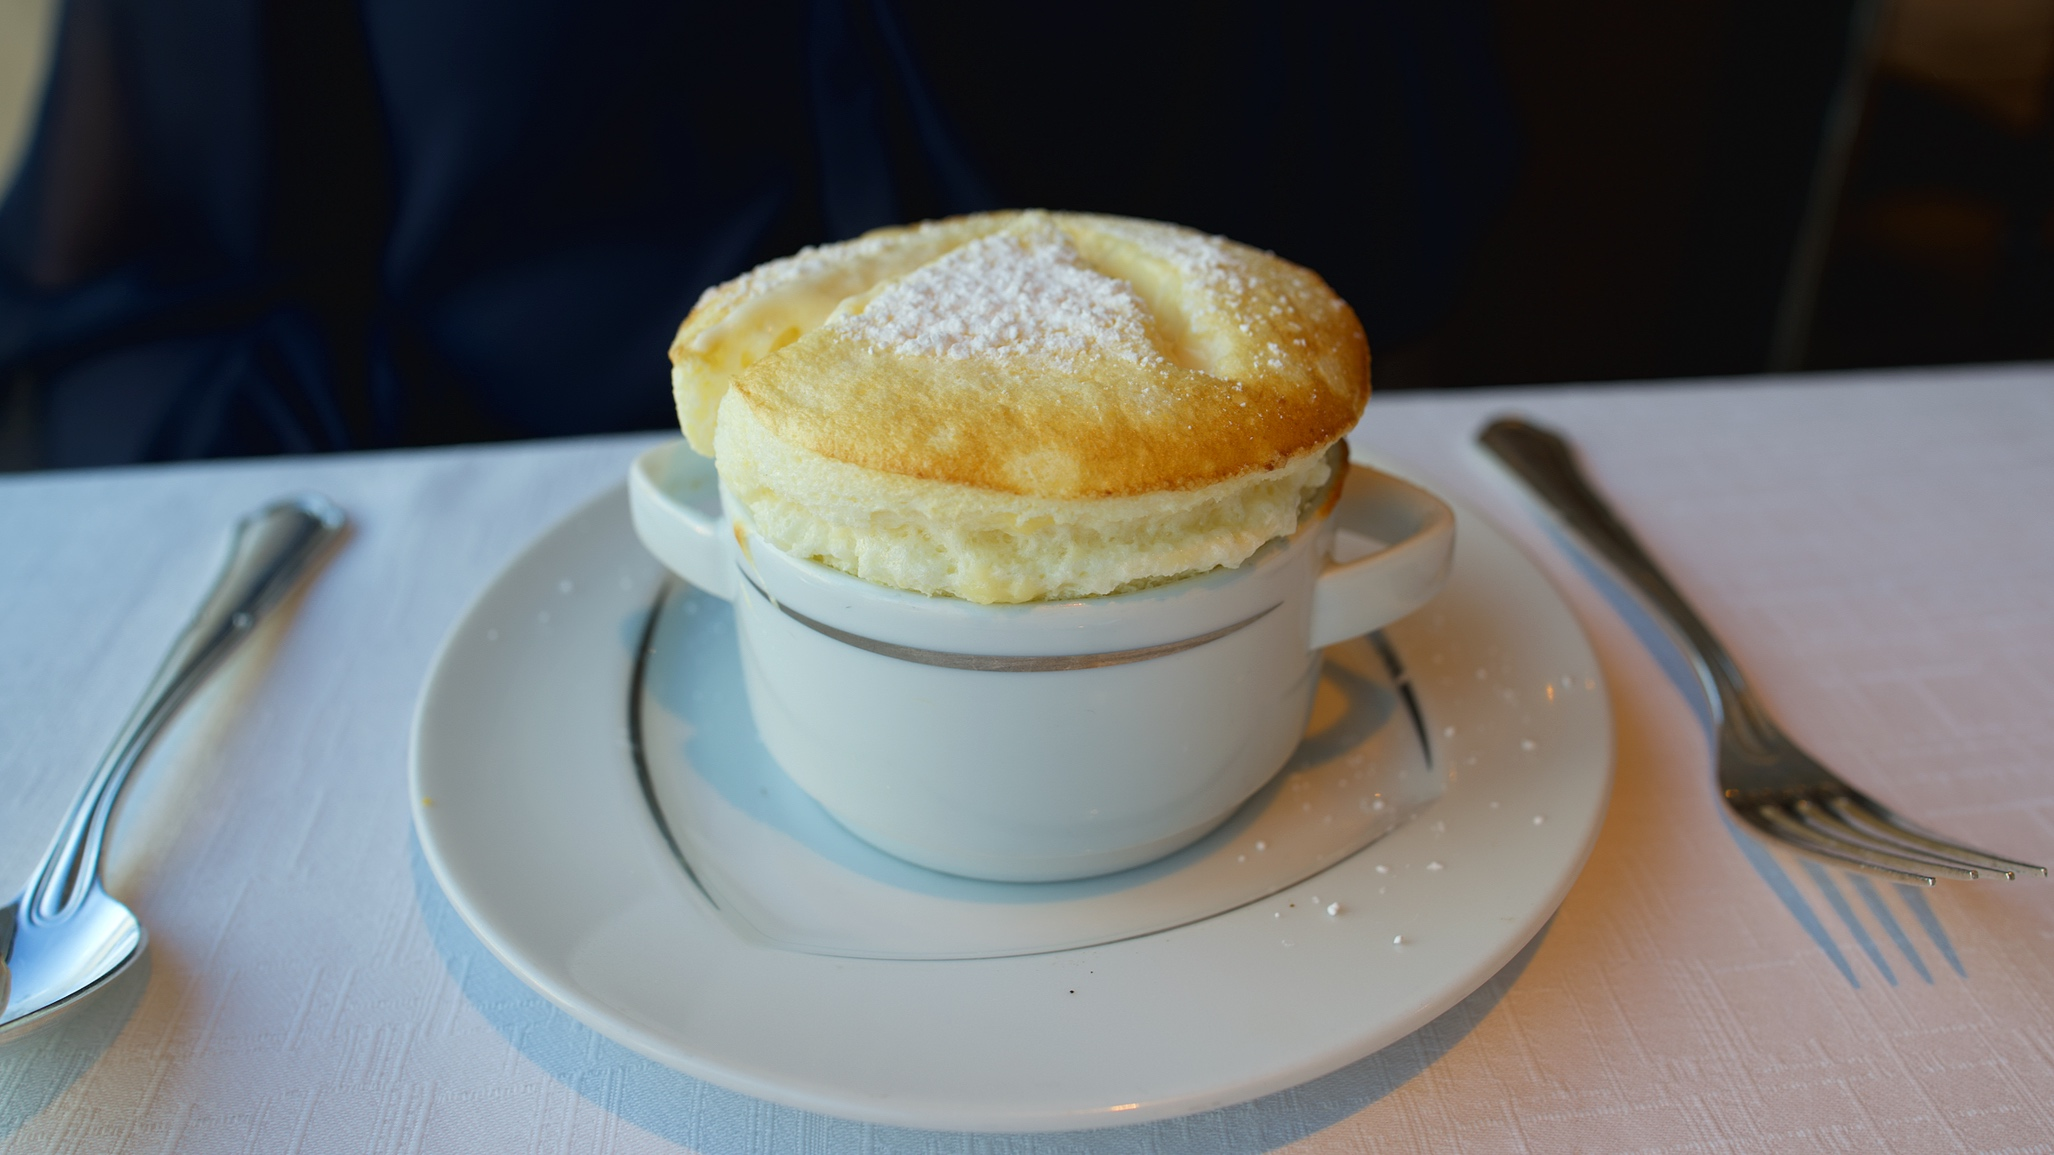 Specially prepared lemon soufflé